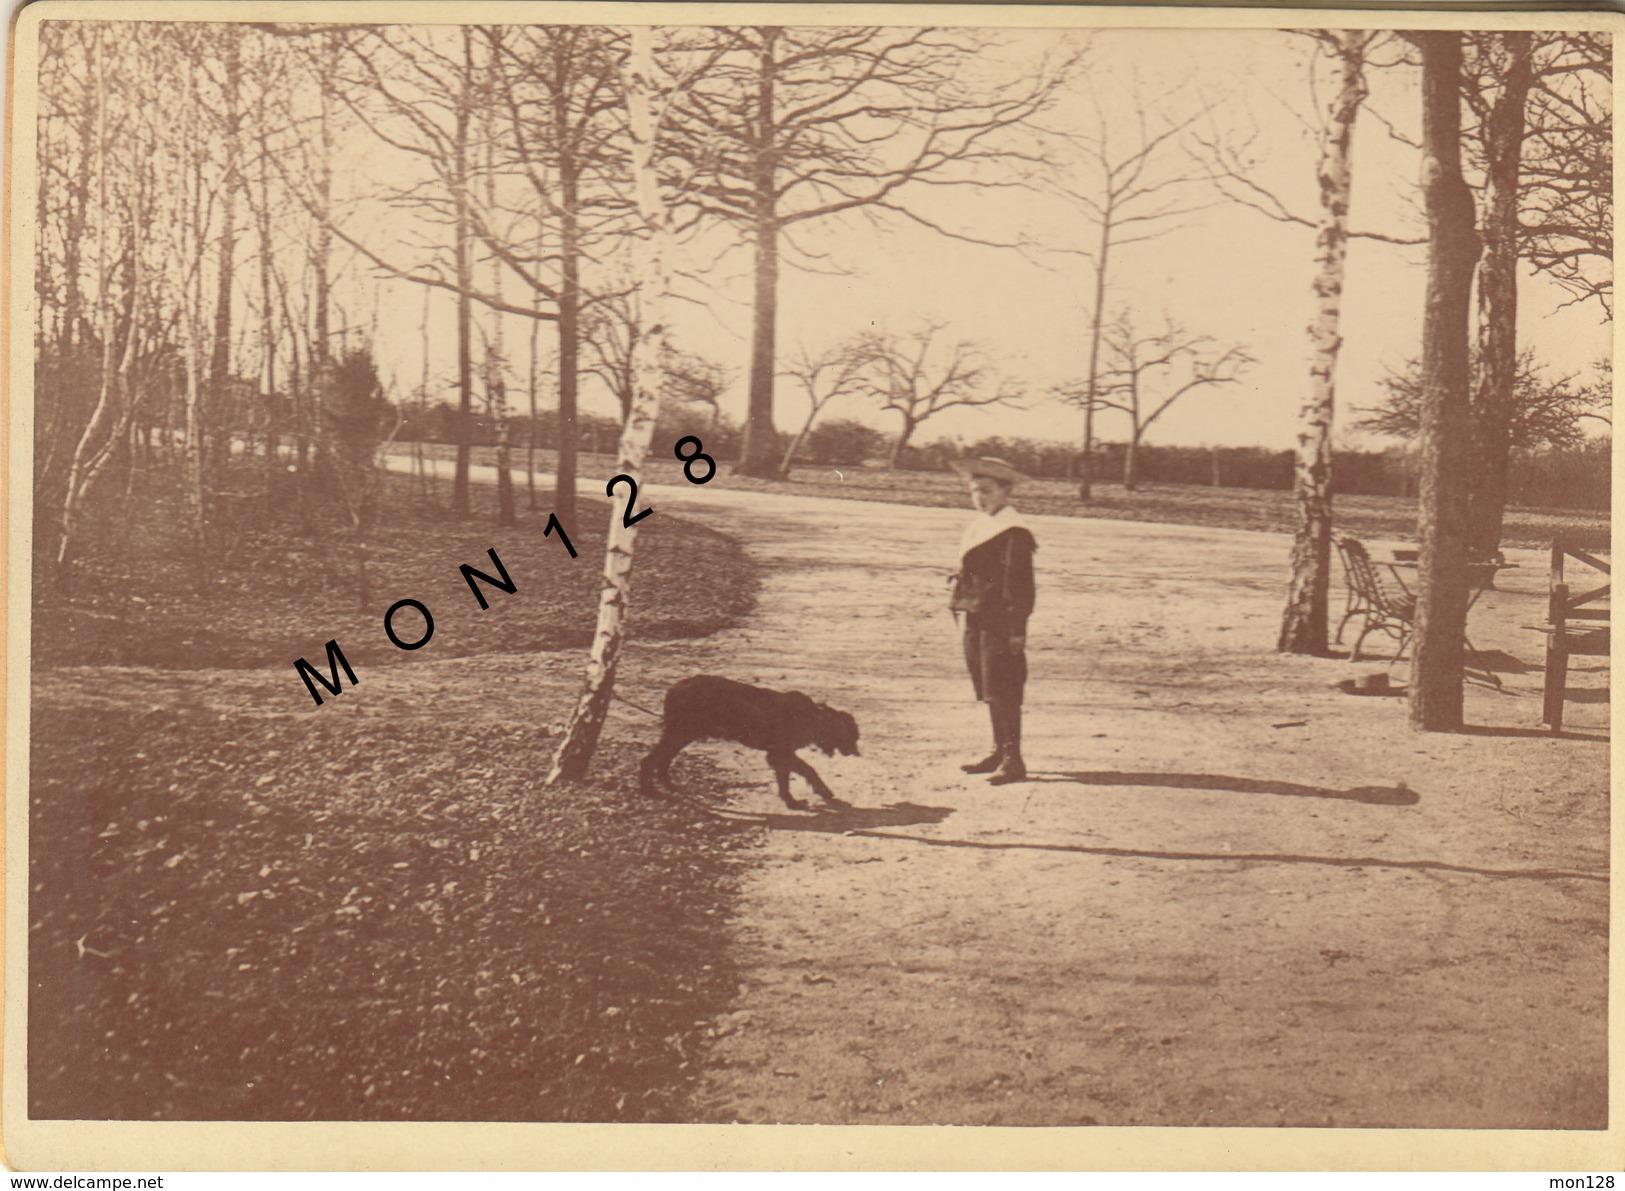 PHOTO 1893 TIRAGE ALBUMINE COLLEE SUR CARTON-DANS UN PARC -GARCON COSTUME MARIN - Photographs